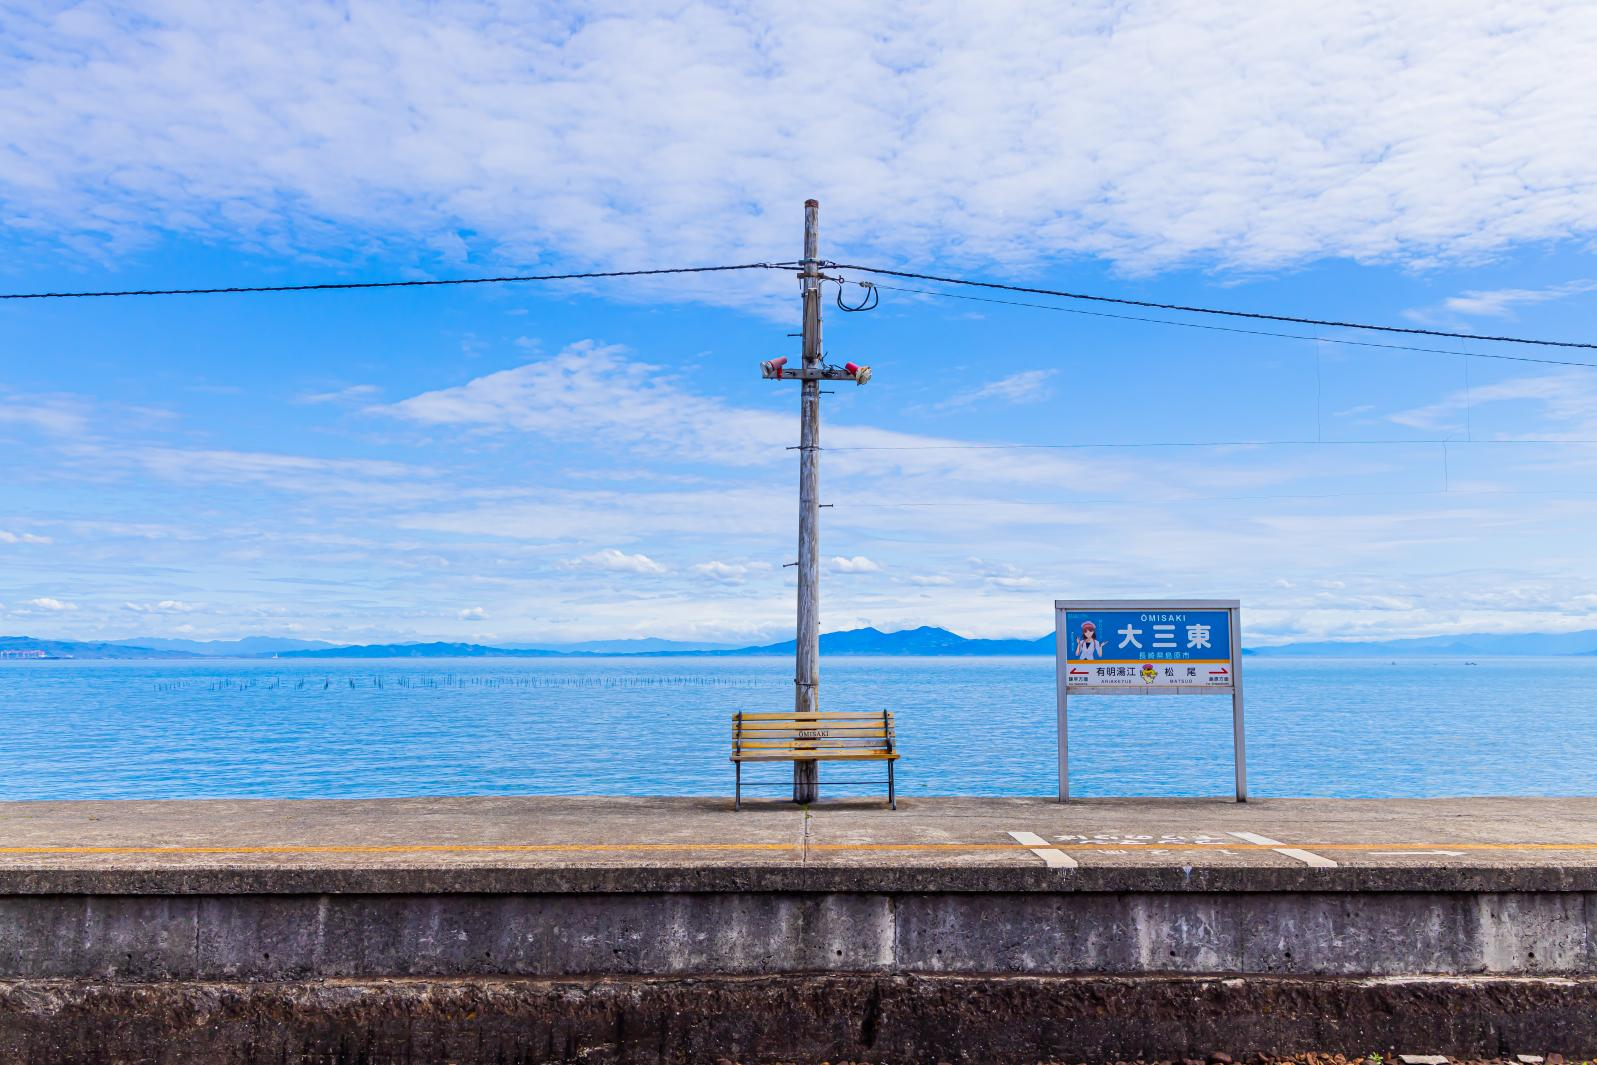 画像提供:島原鉄道(株)